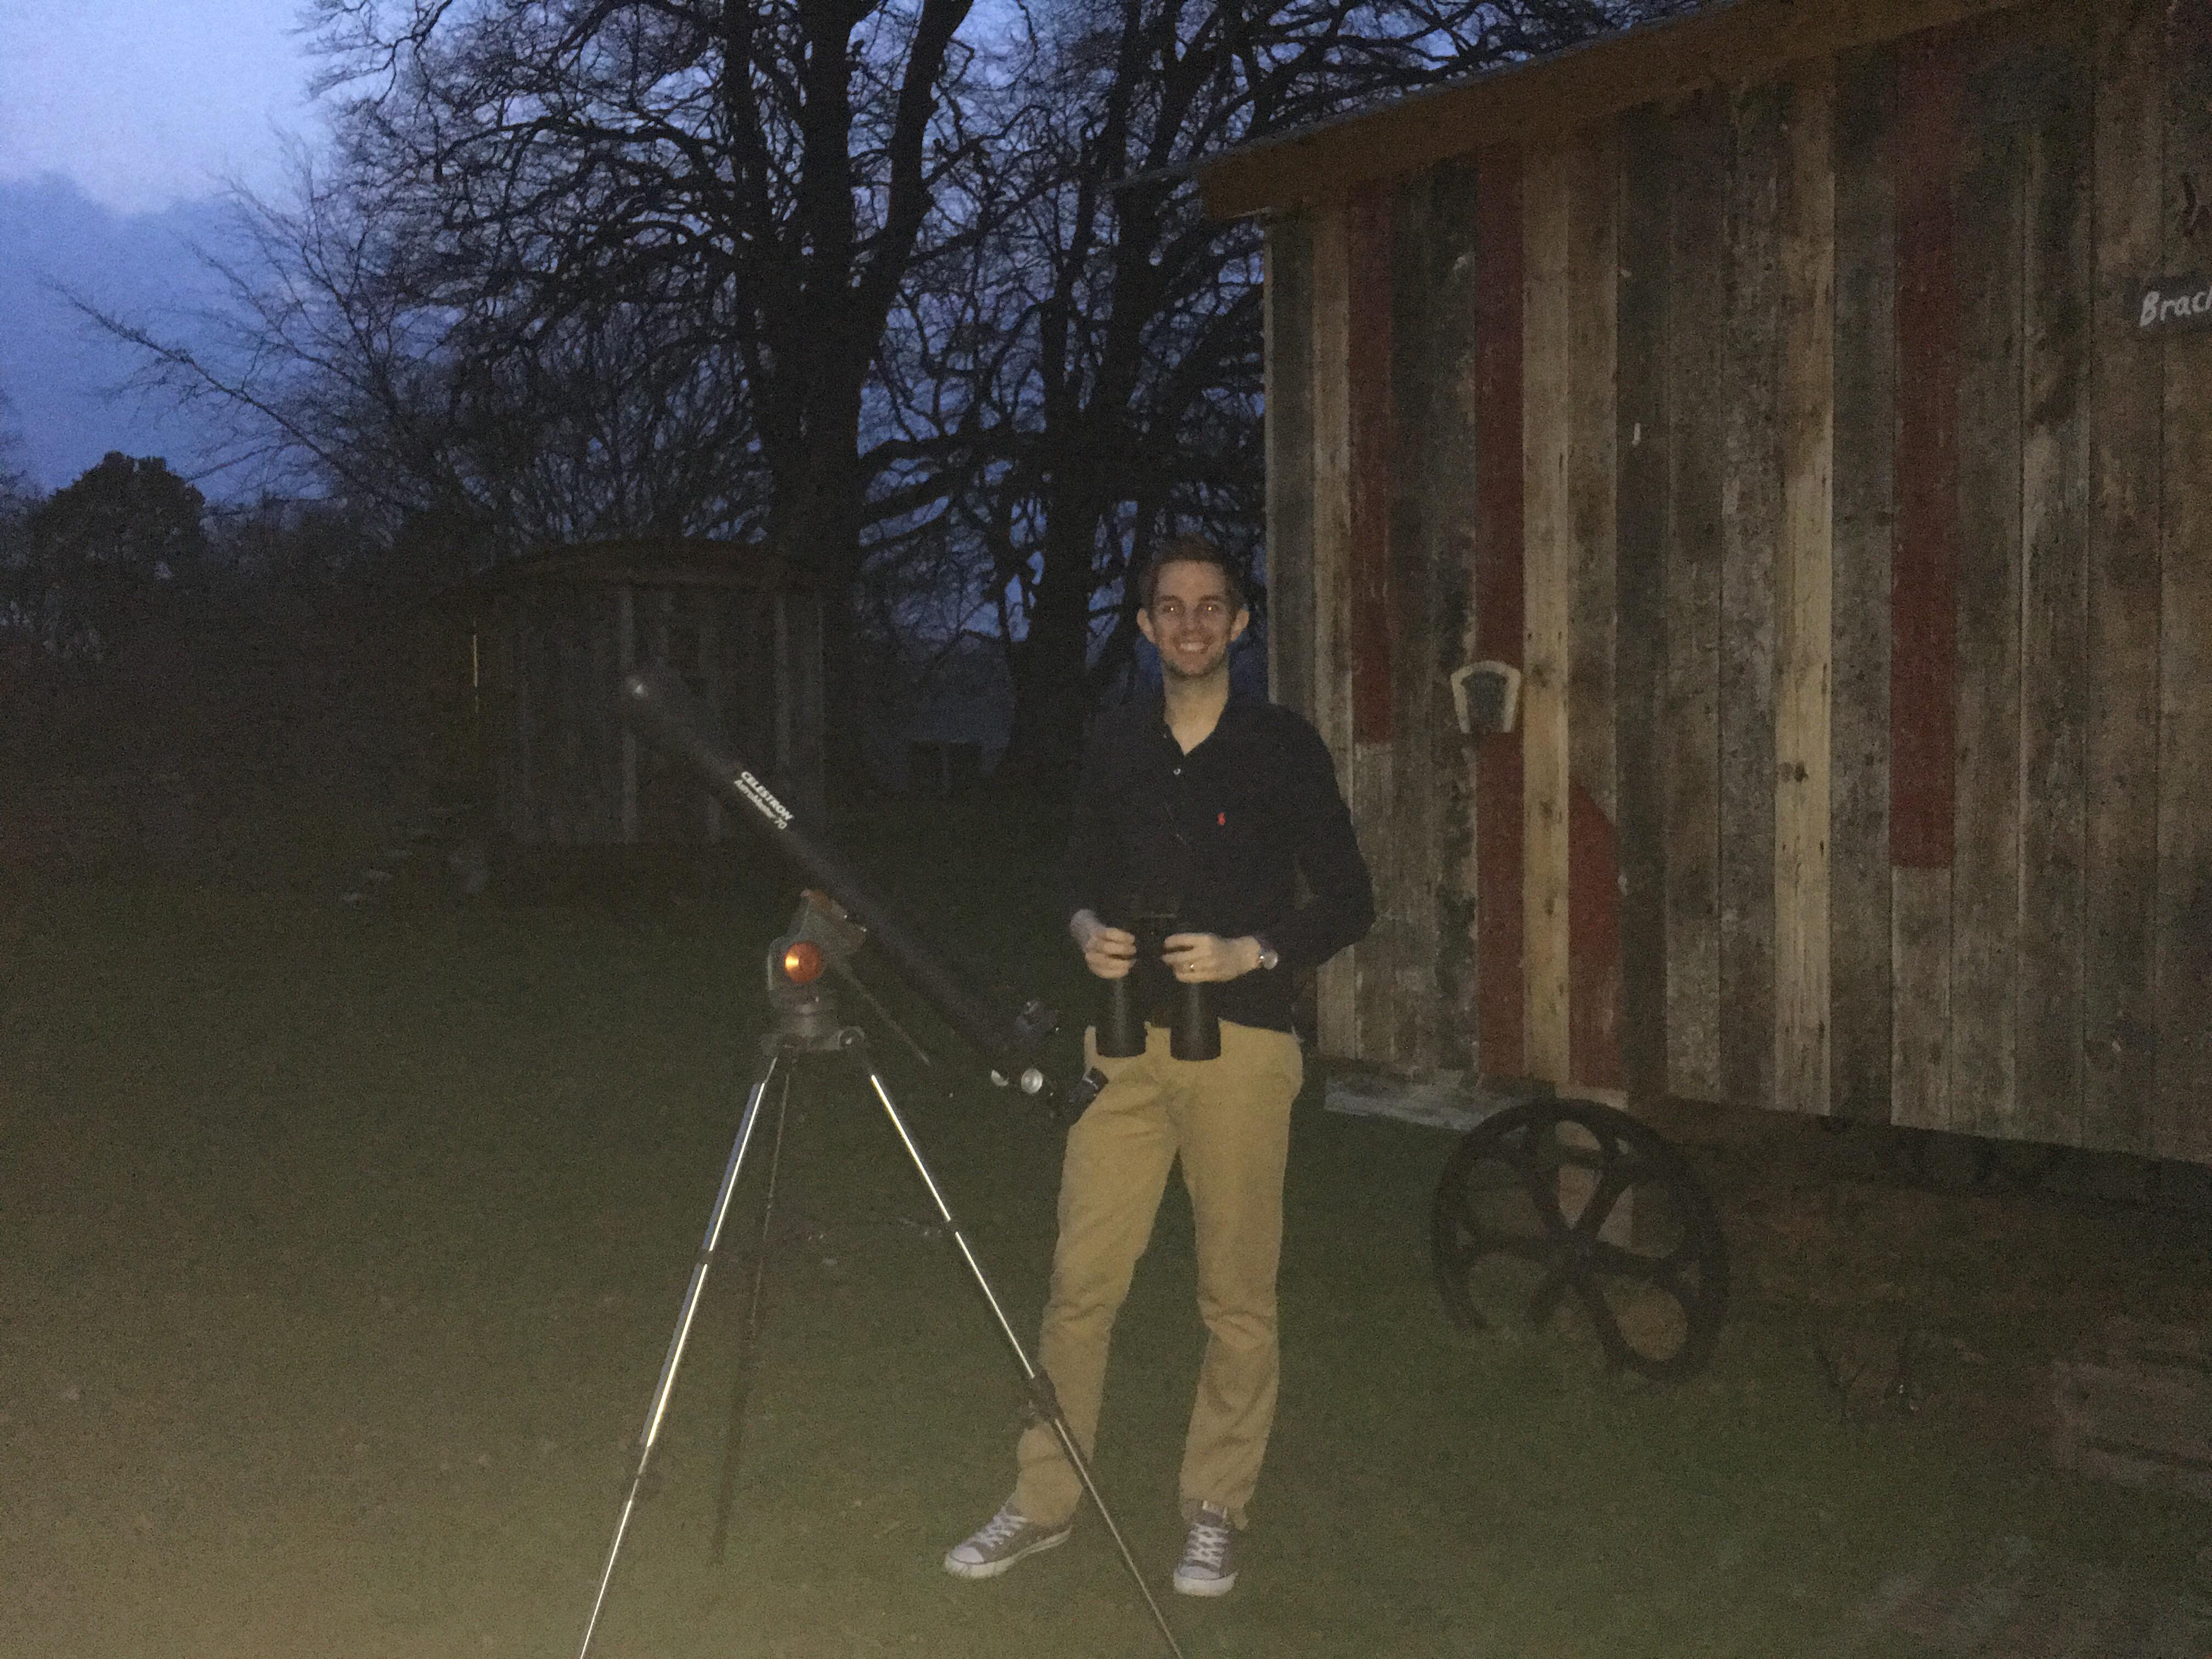 Steve setting up our stargazing equipment